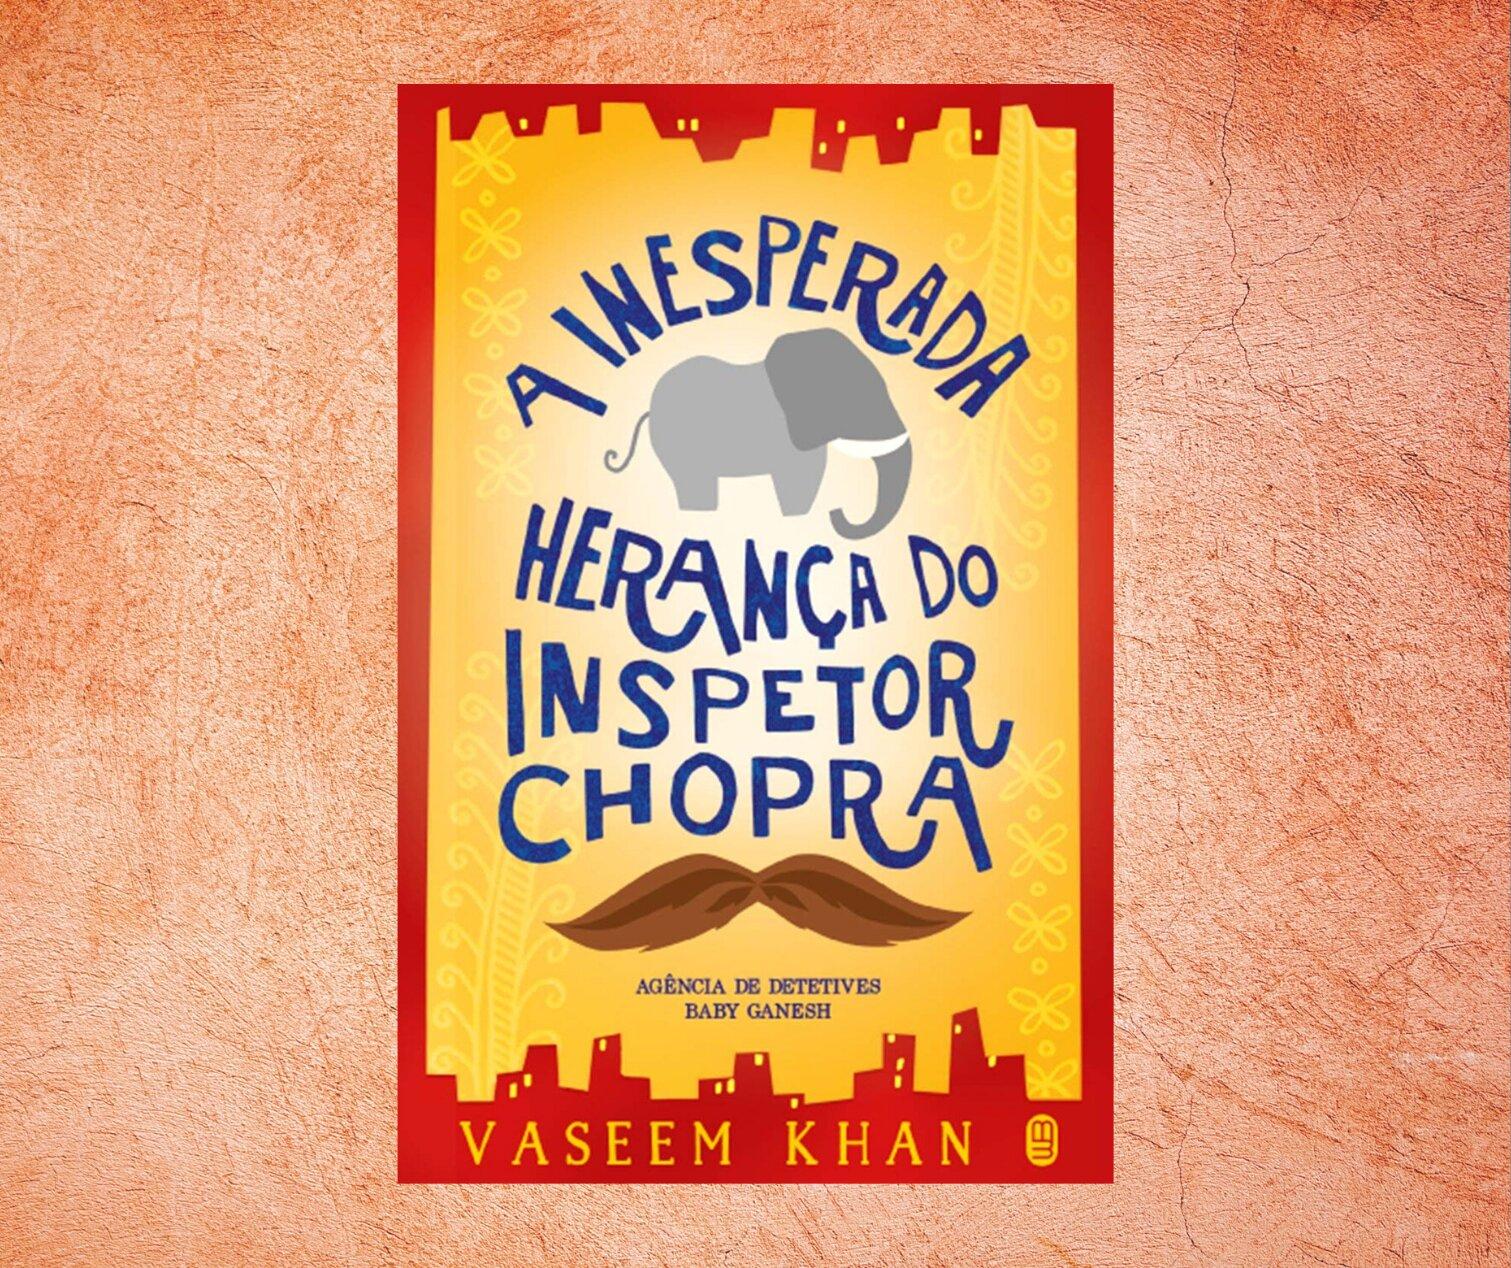 Resenha: A Inesperada Herança do Inspetor Chopra, de Vaseem Khan